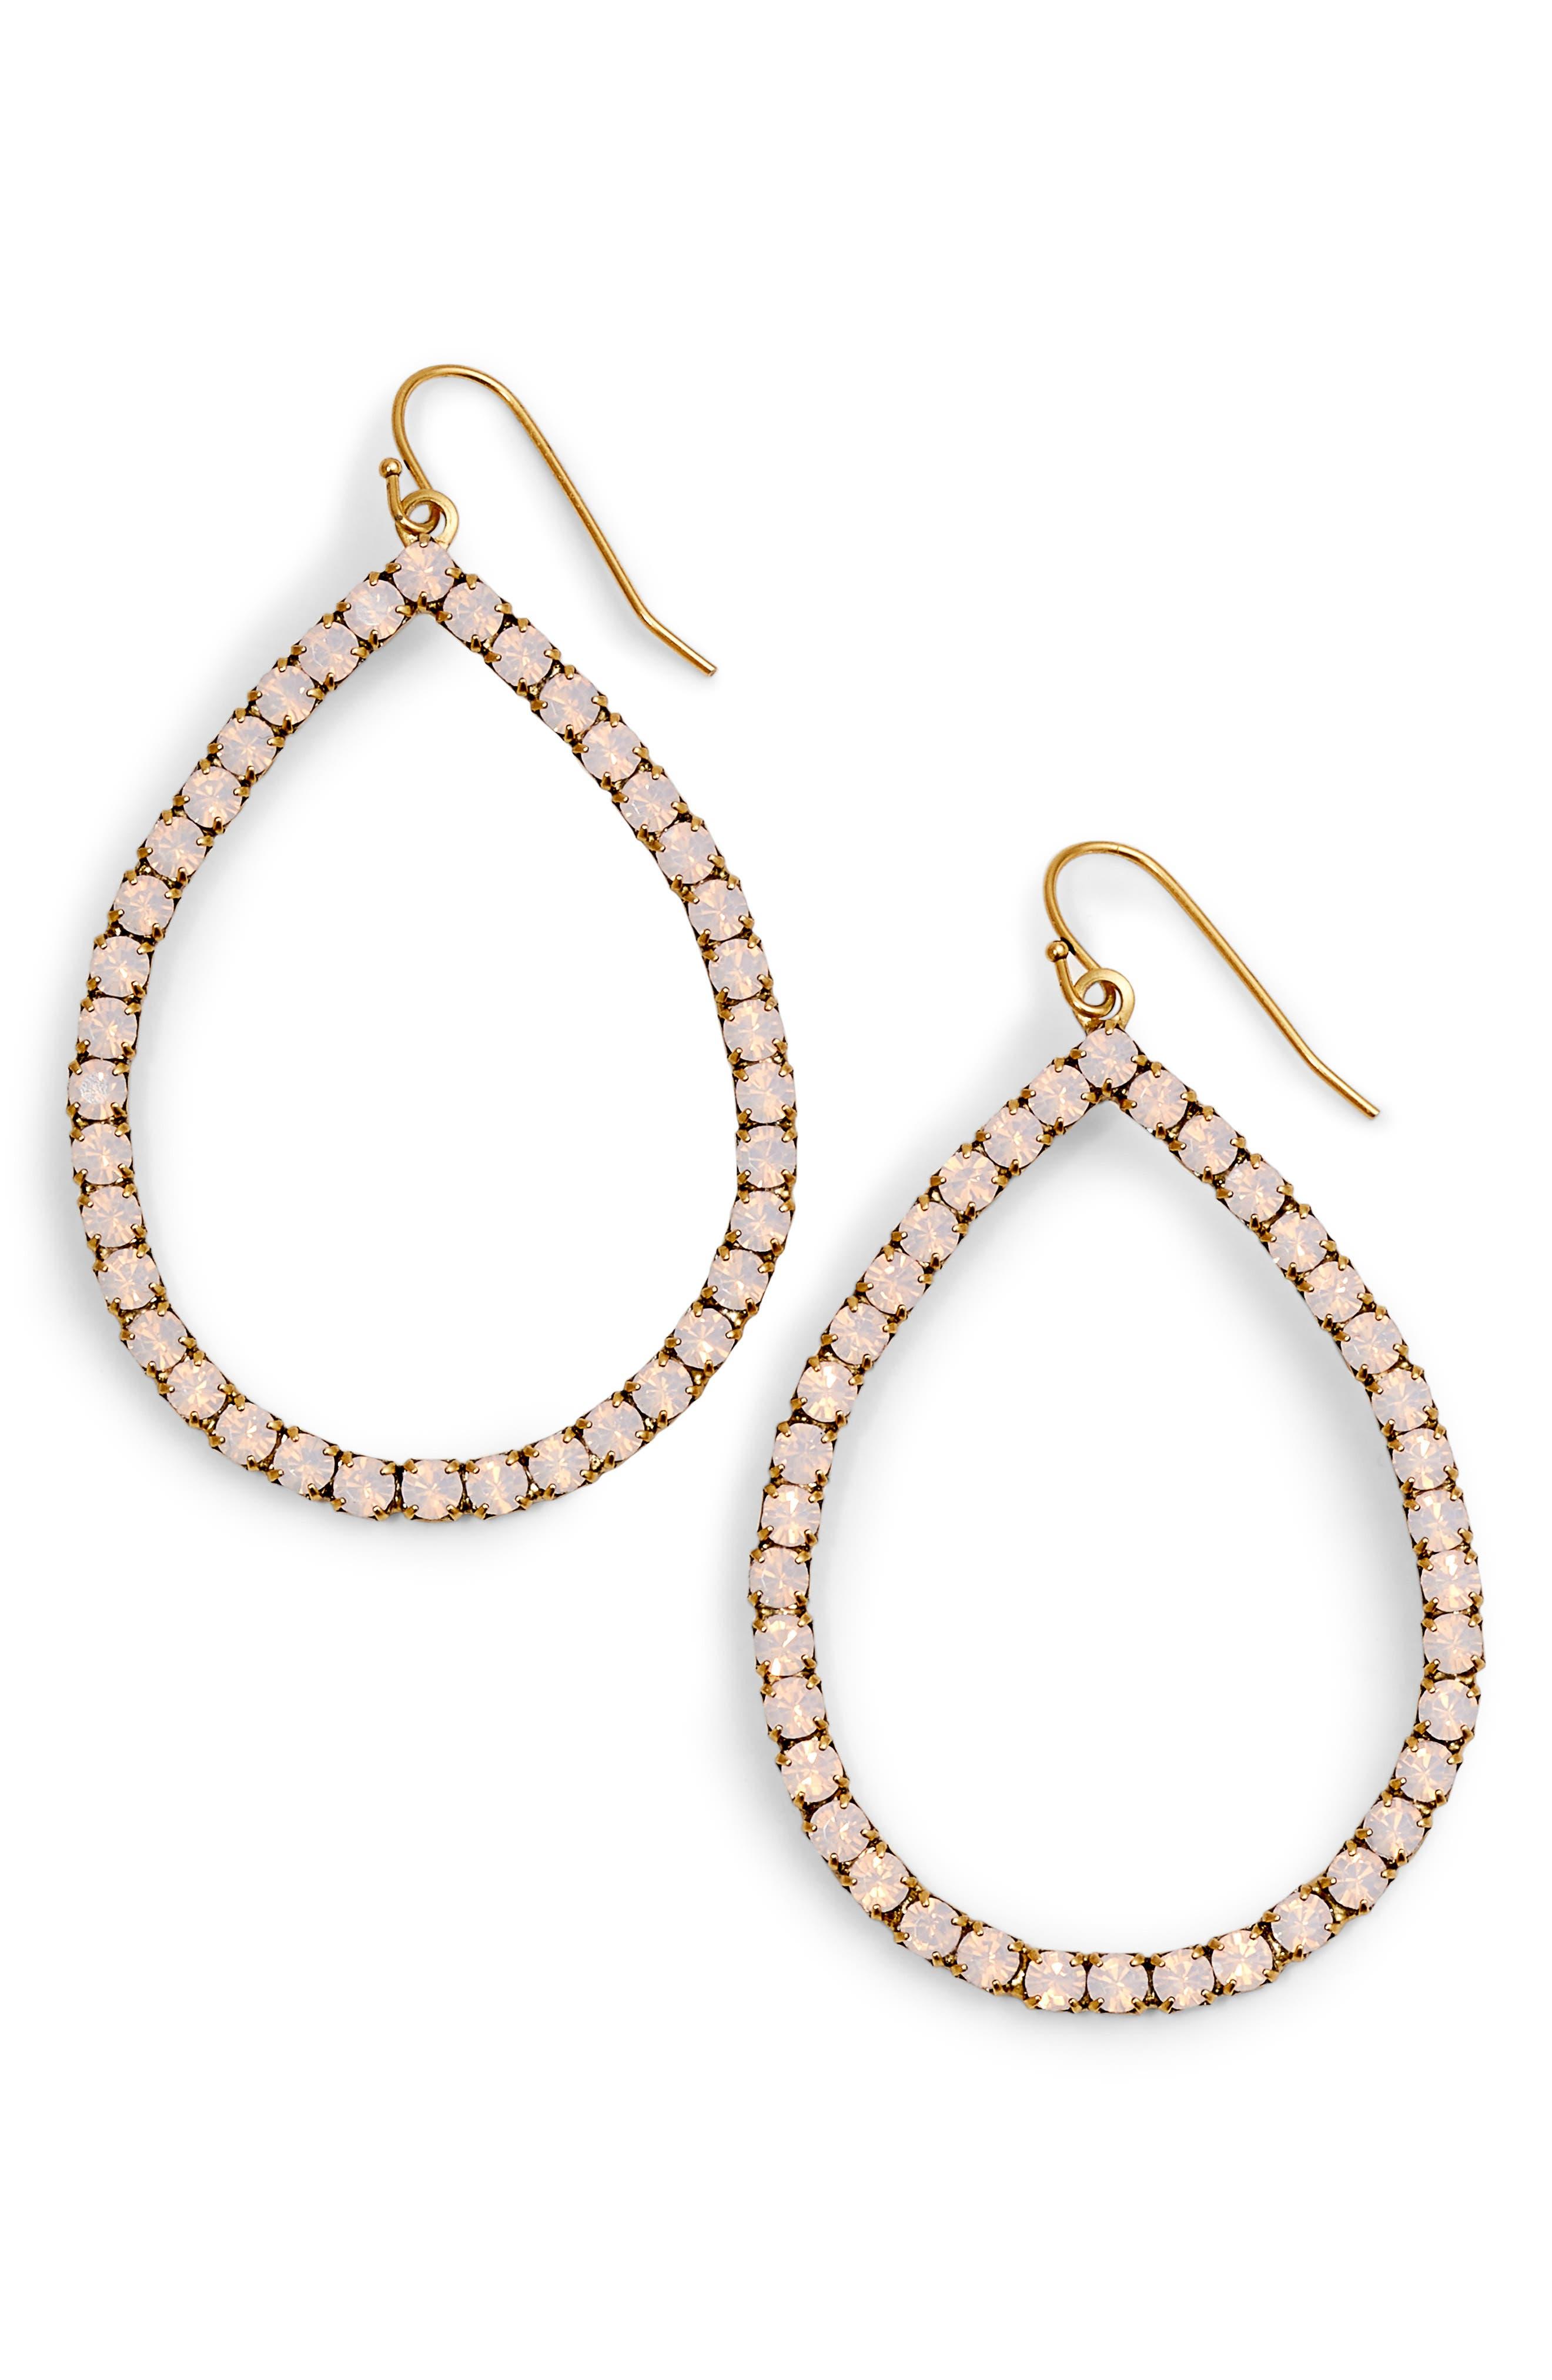 Emilia Crystal Teardrop Earrings,                             Main thumbnail 1, color,                             Rose Opal